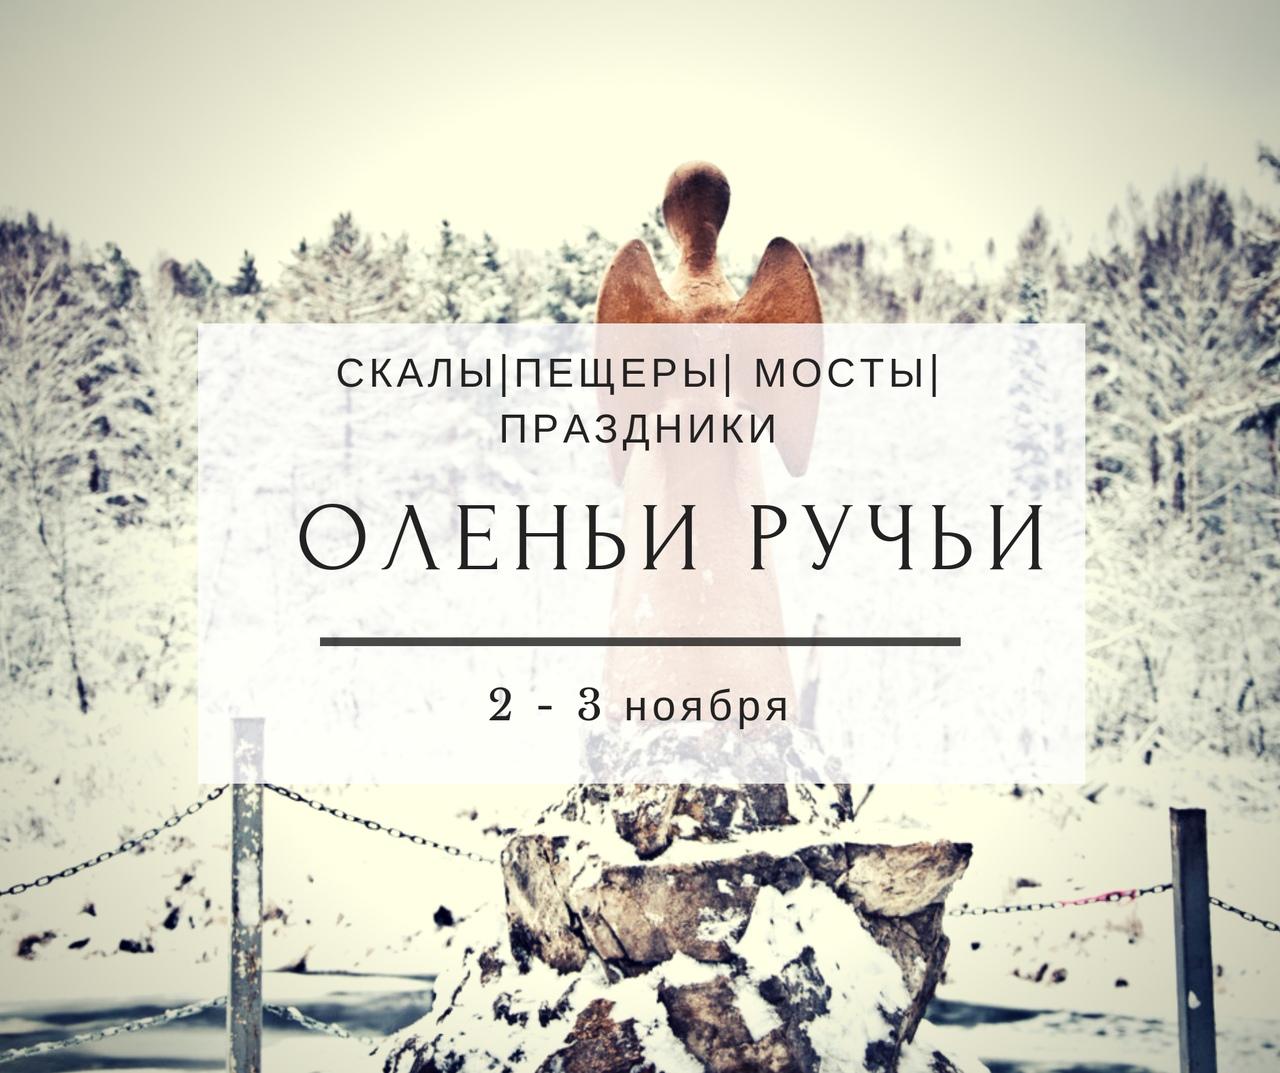 Афиша Тюмень ОЛЕНЬИ РУЧЬИ / 2-3 НОЯБРЯ